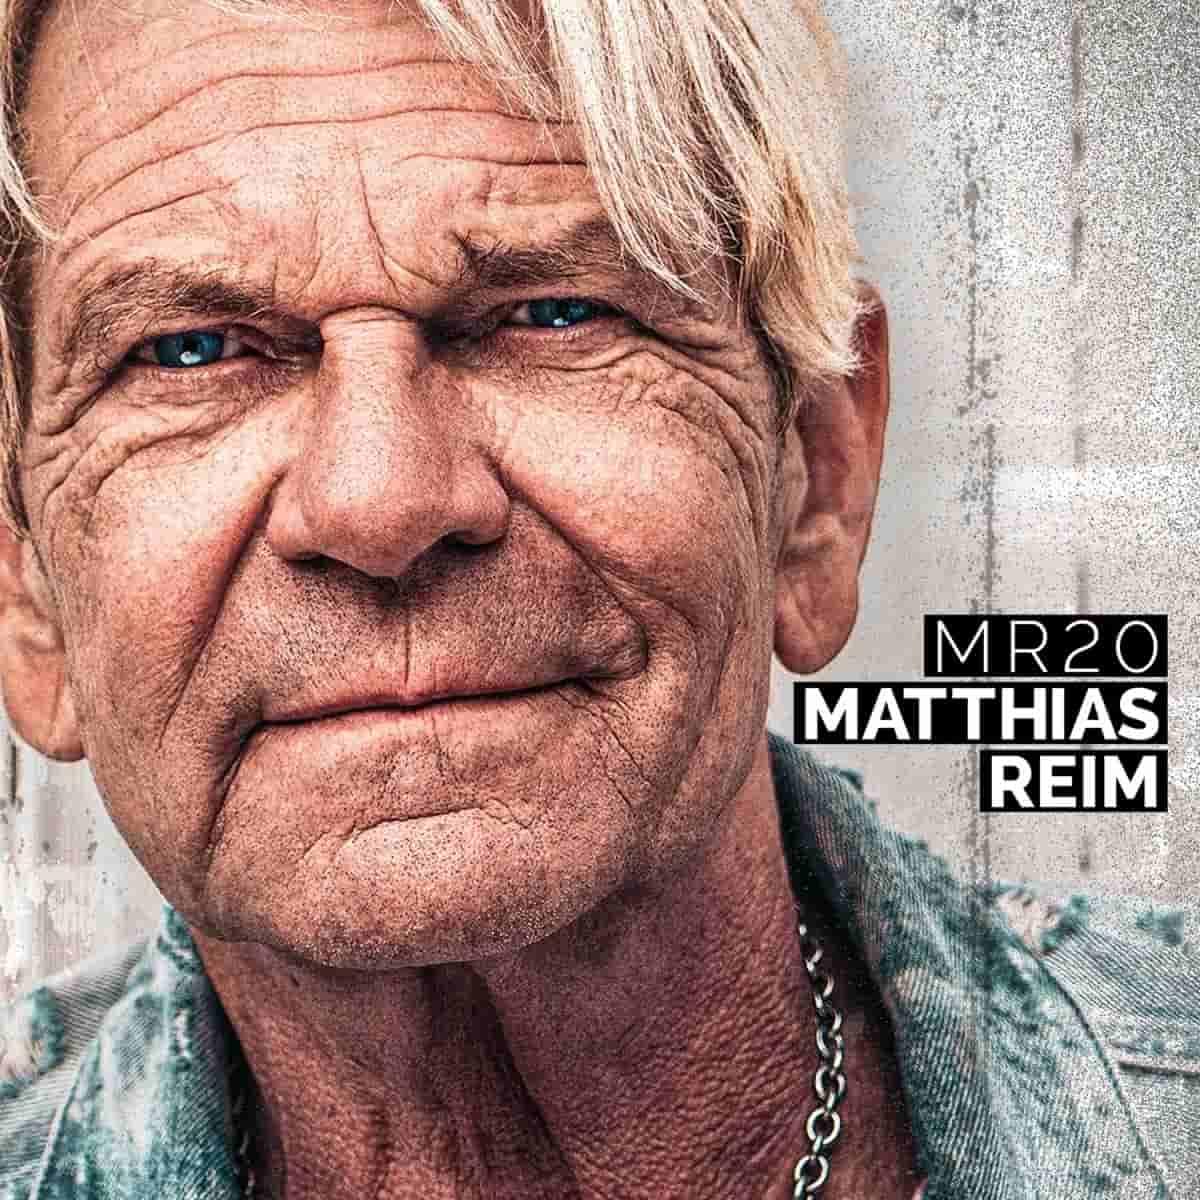 Matthias Reim - neue CD MR20 2019